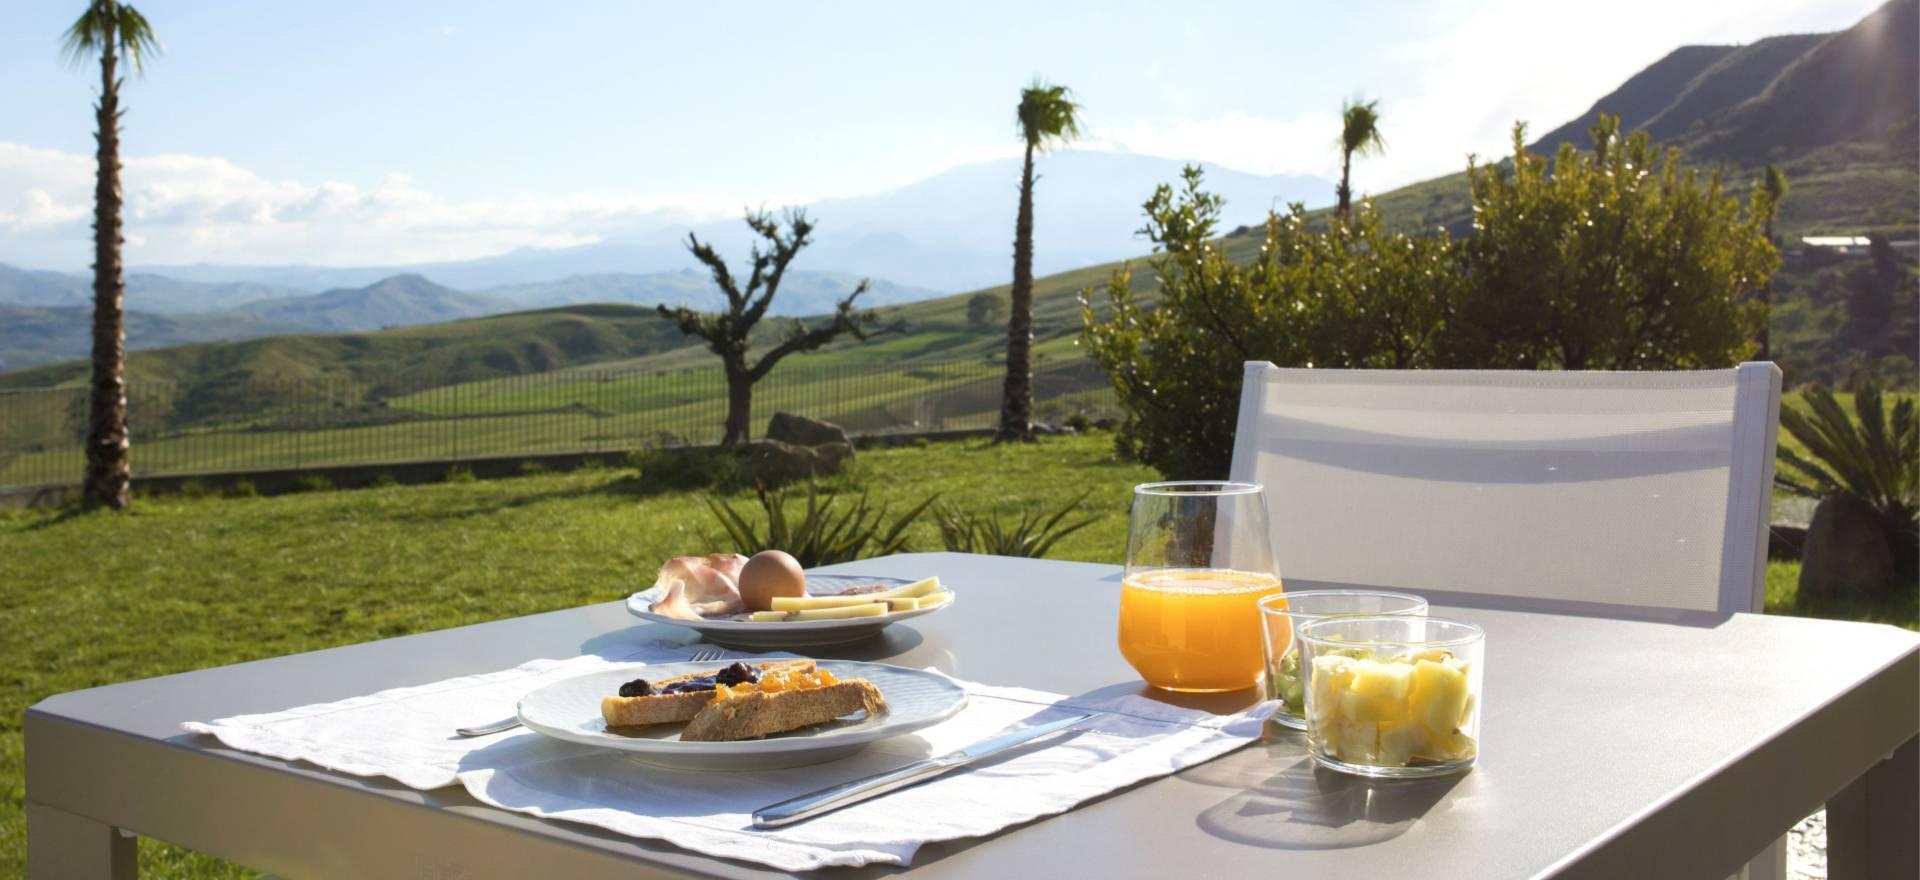 Agriturismo Sicilie Agriturismo met restaurant nabij de Etna